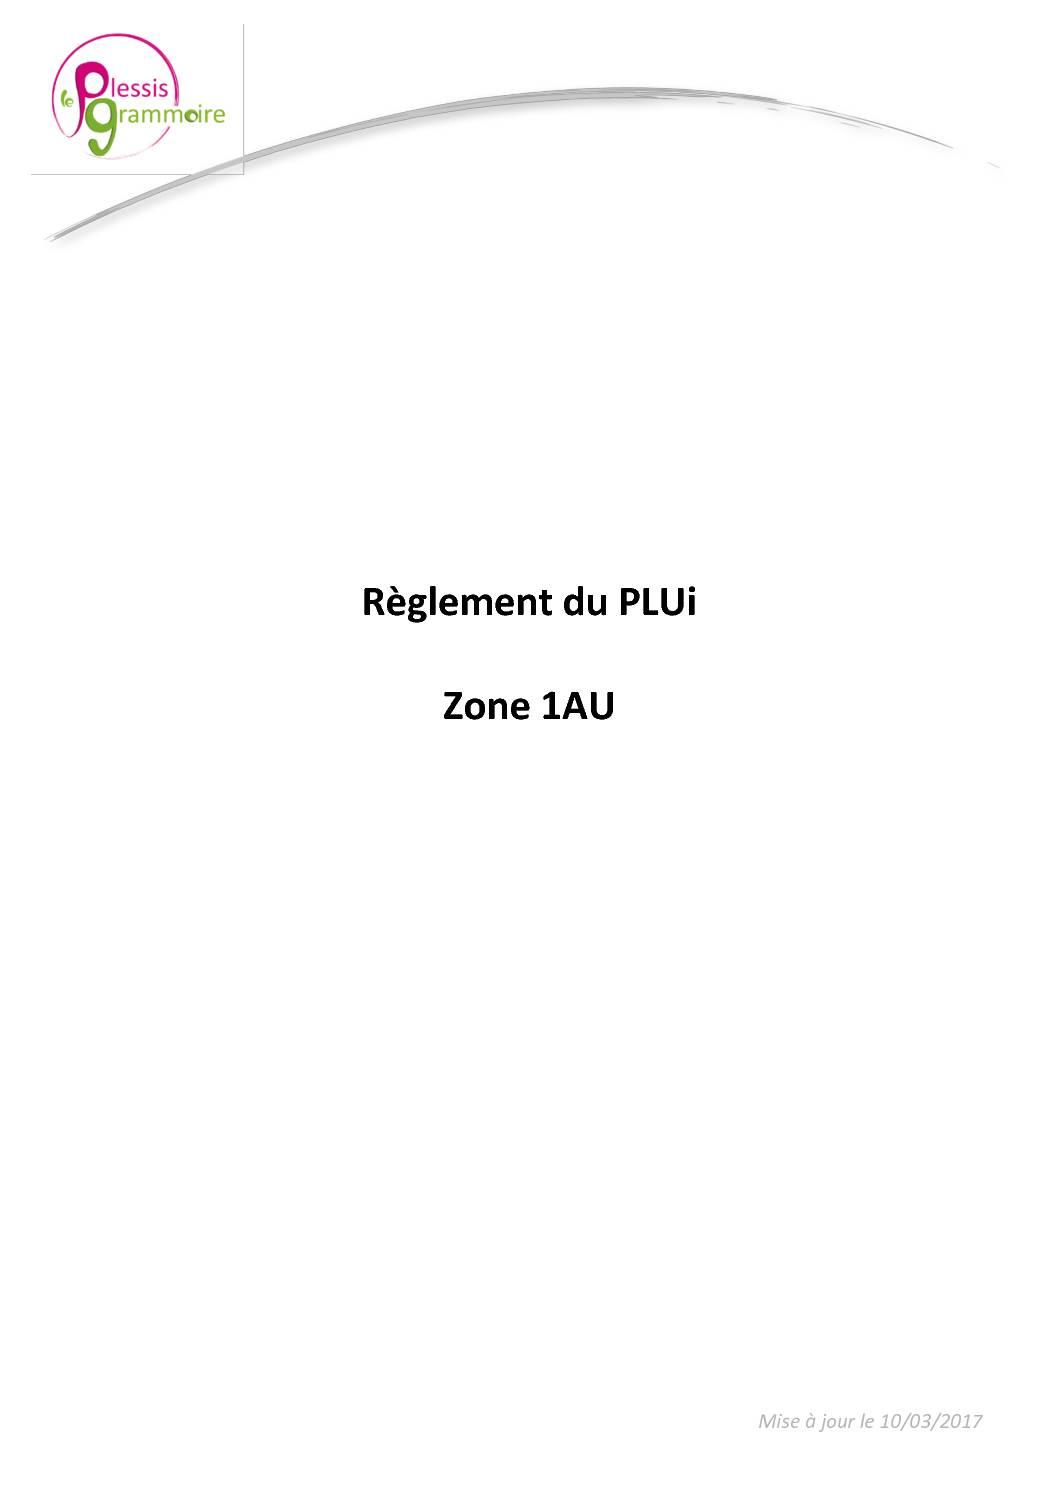 ECOQUARTIER_Règlement_PLUi_zone_1AU